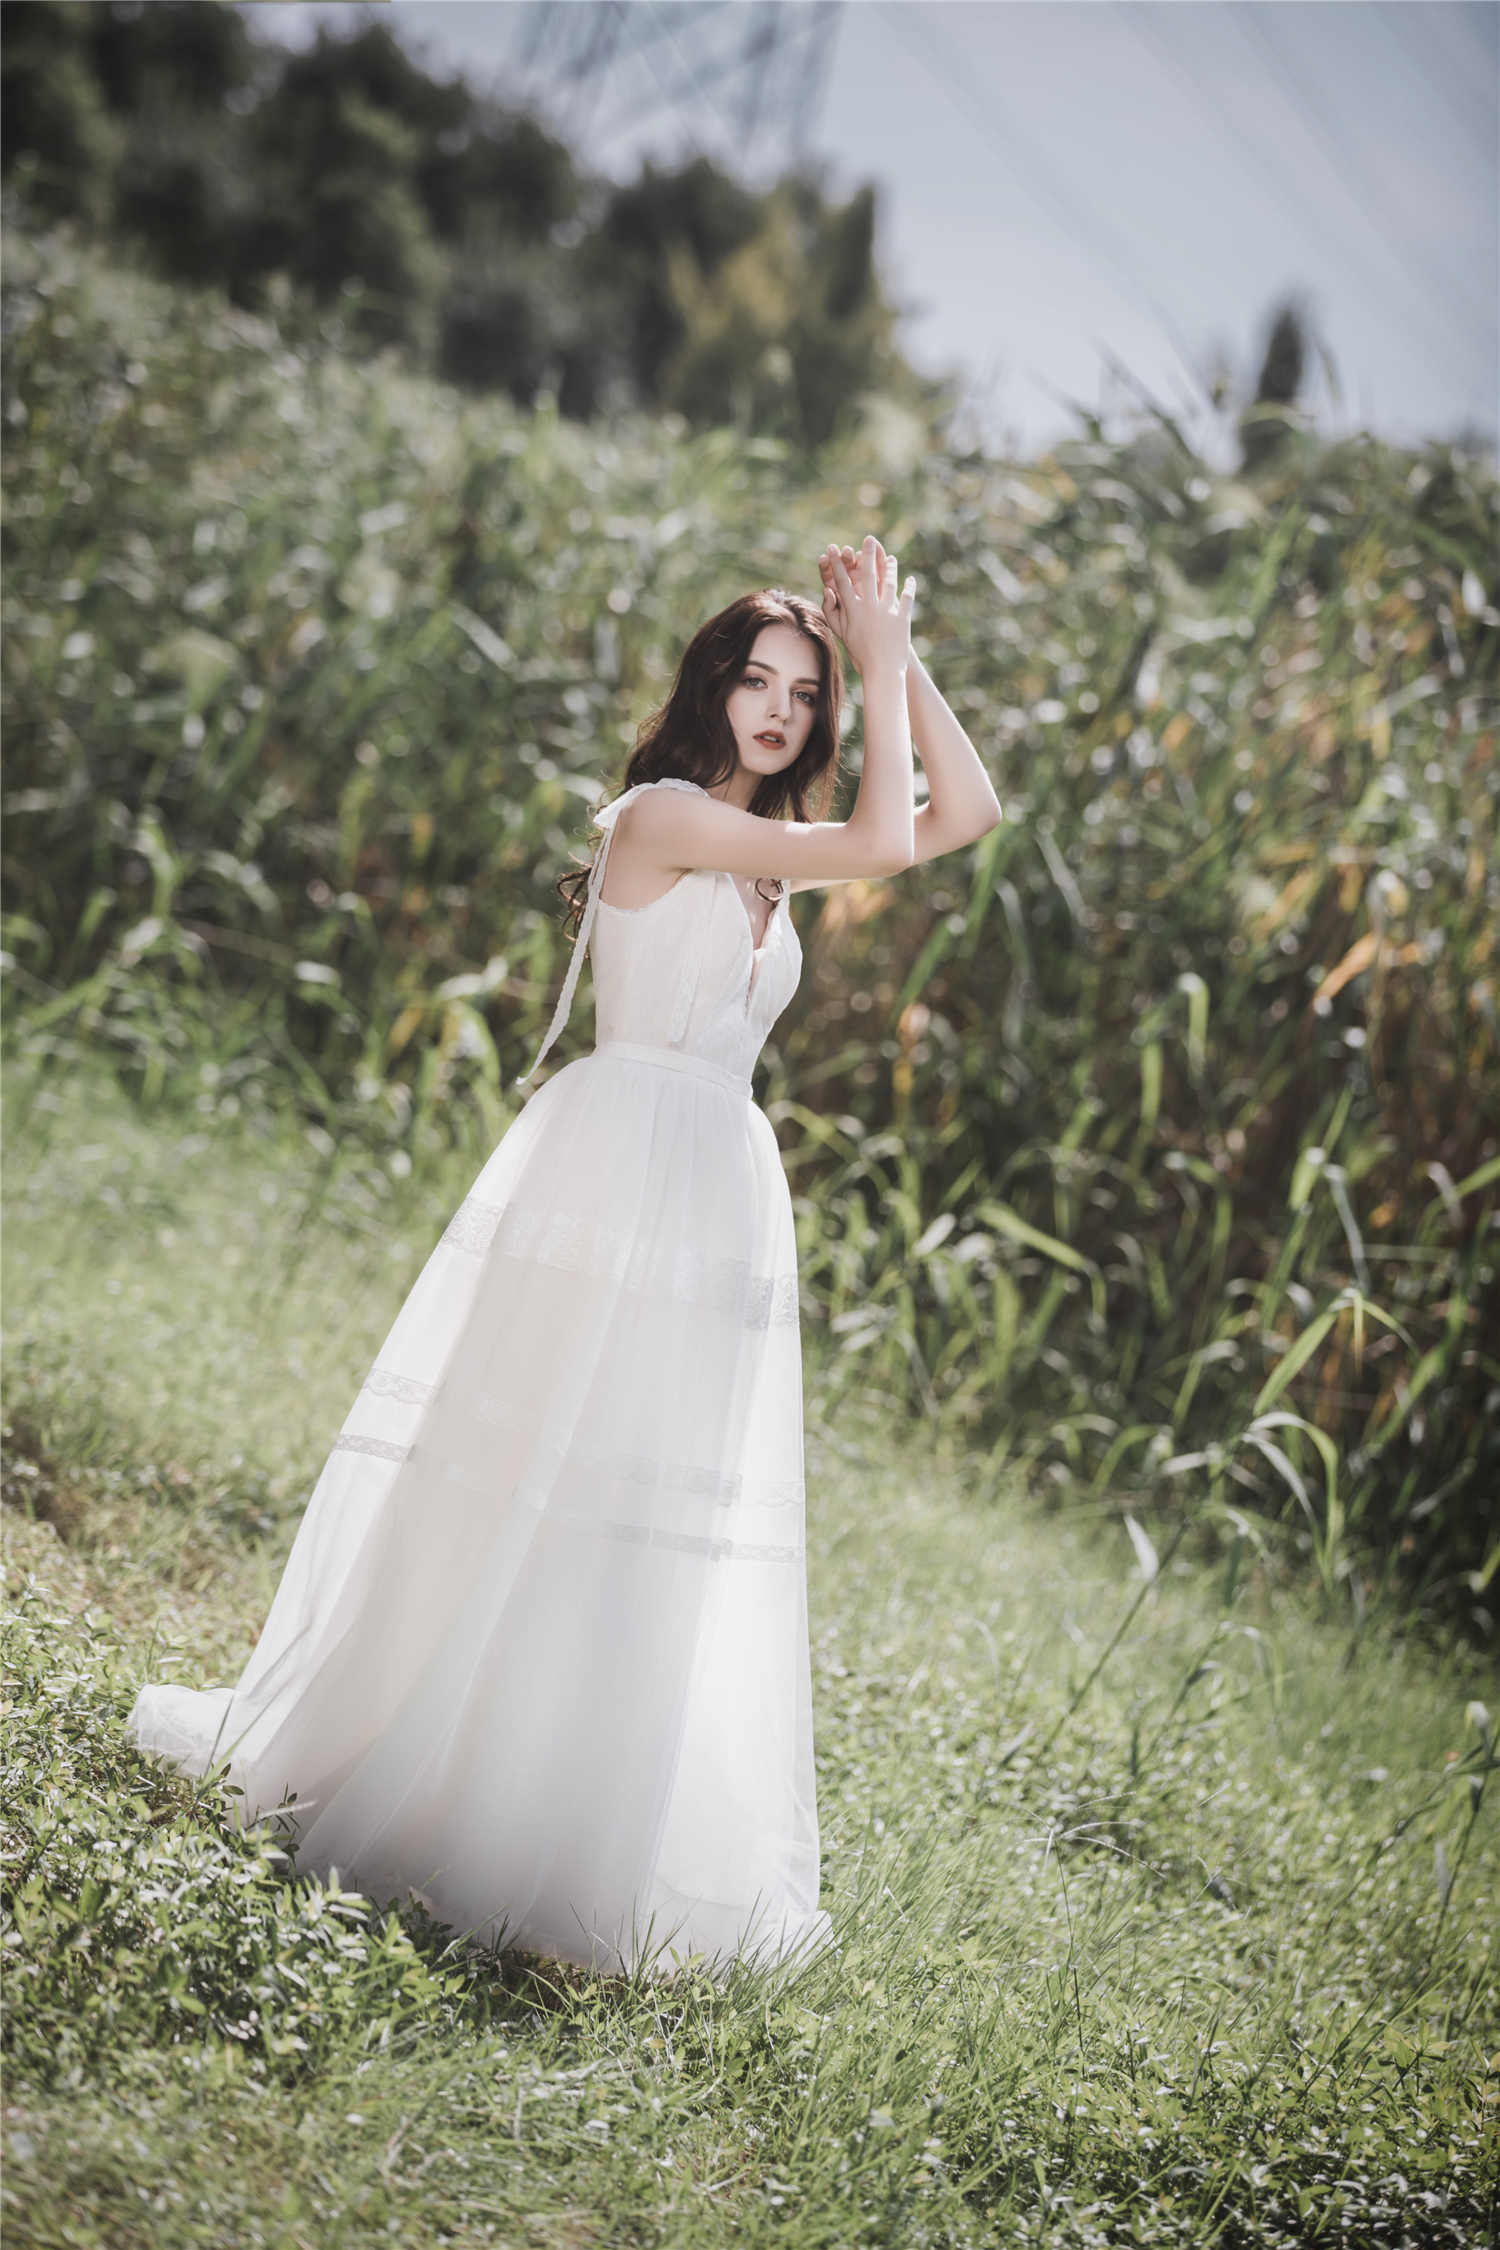 חתונת שמלה לבן אונליין אלגנטי V-צוואר שיפון עם רצועות רוכסן ארוך חזרה כלה שמלת לחתונה מסיבת מלכת אבי